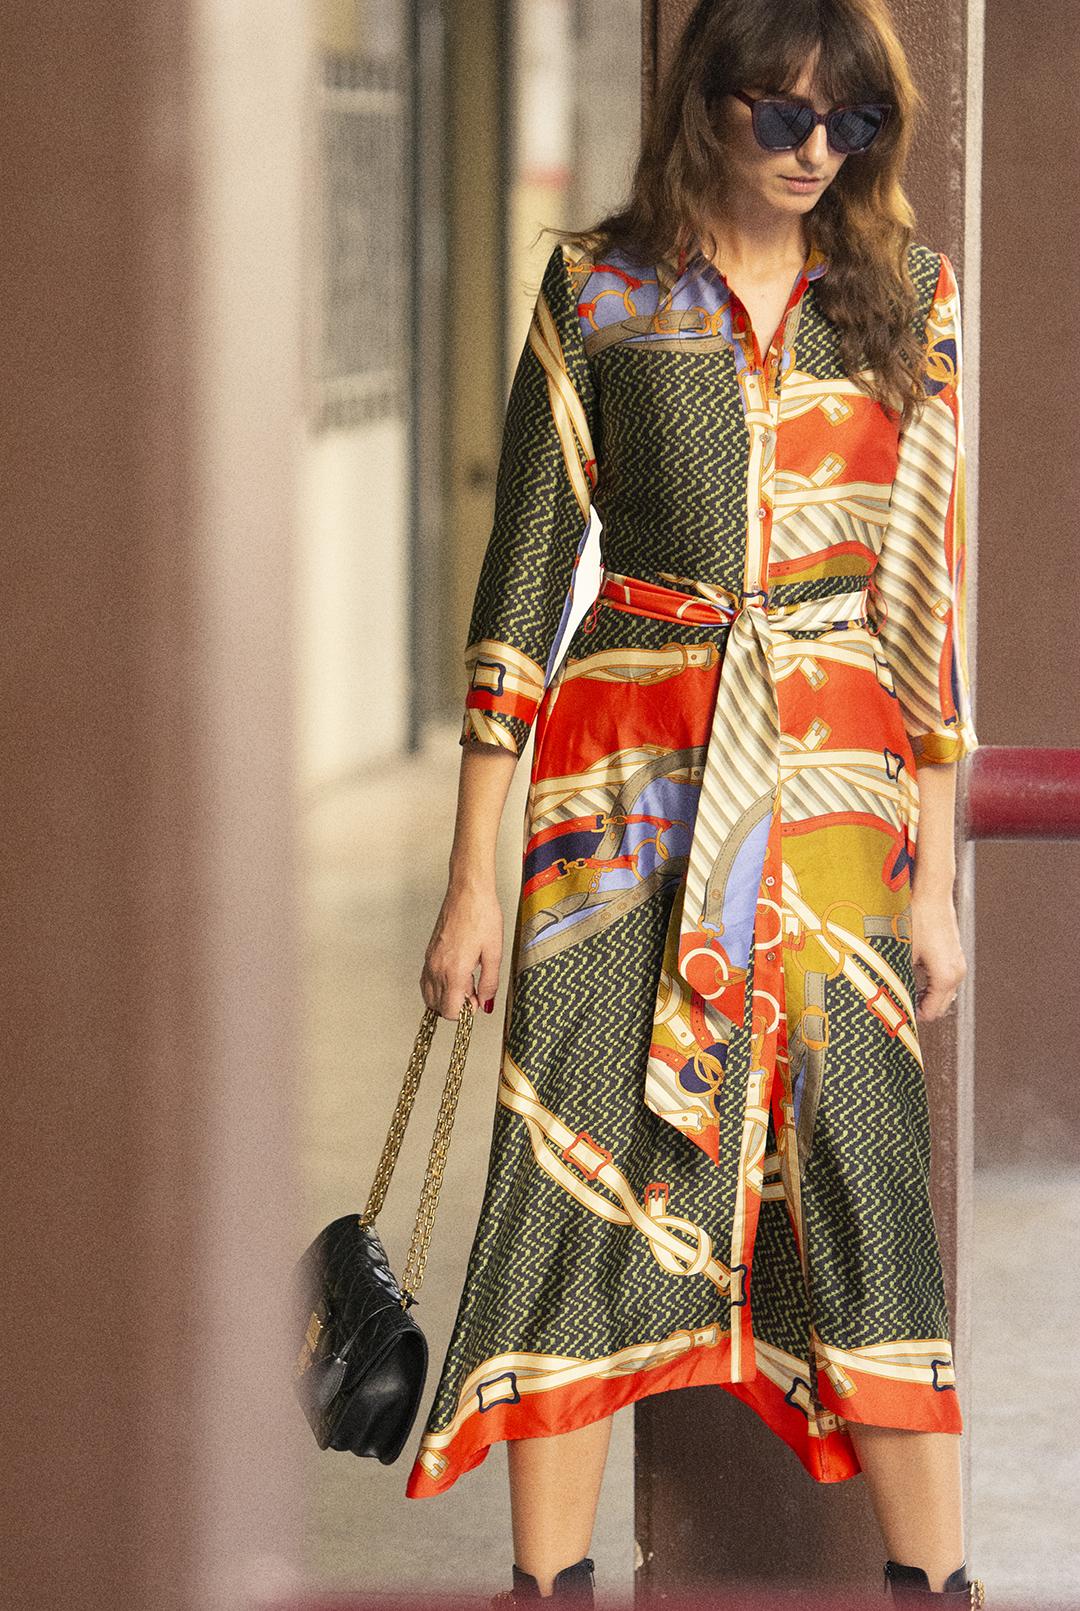 vestido-pañuelo-streetstyle-mitmeblog-02 copia